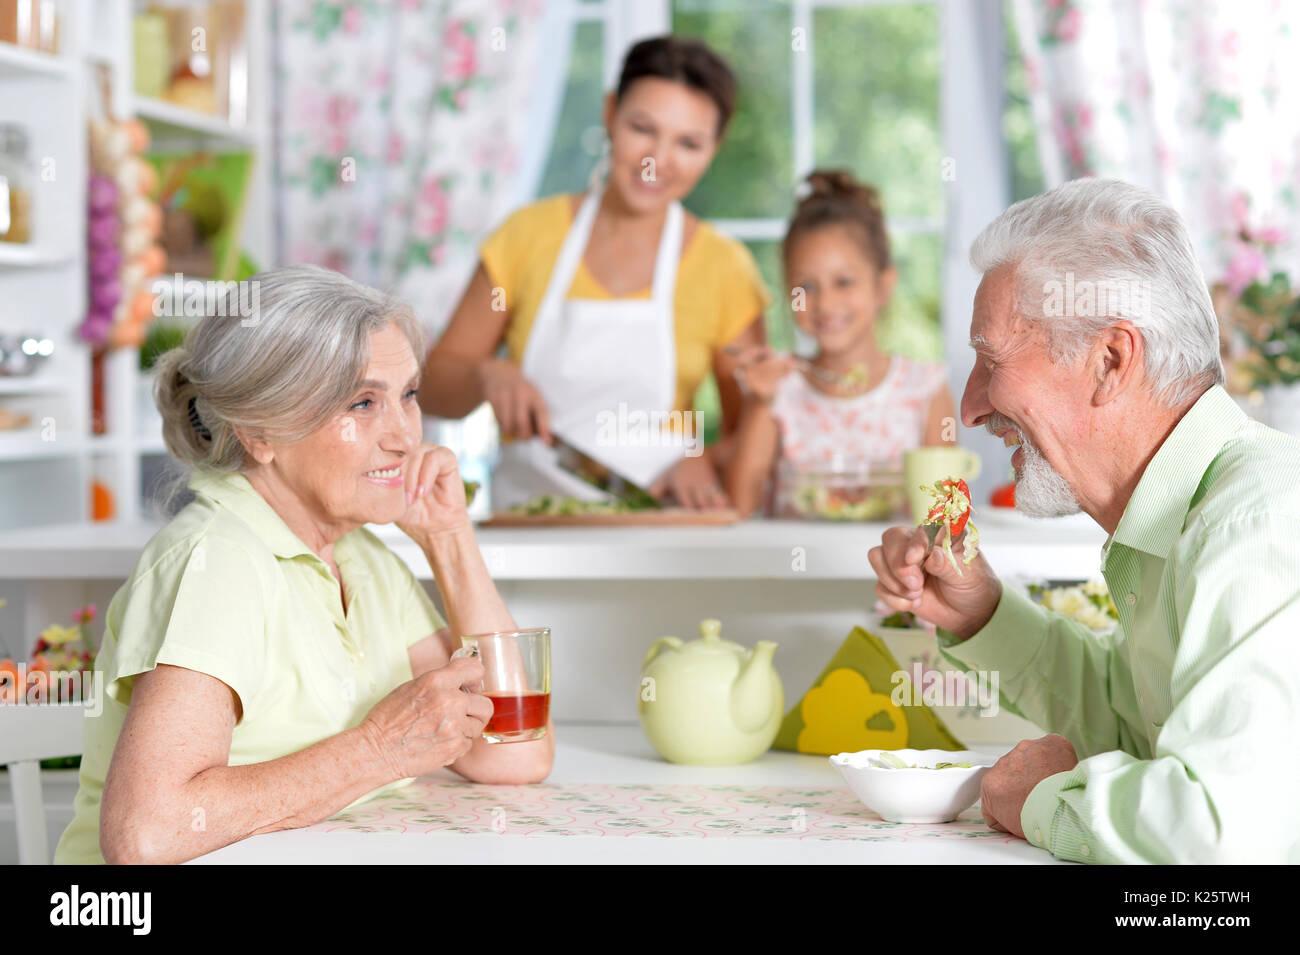 Großzügig Reunion Küche Trinken Zeitgenössisch - Ideen Für Die Küche ...